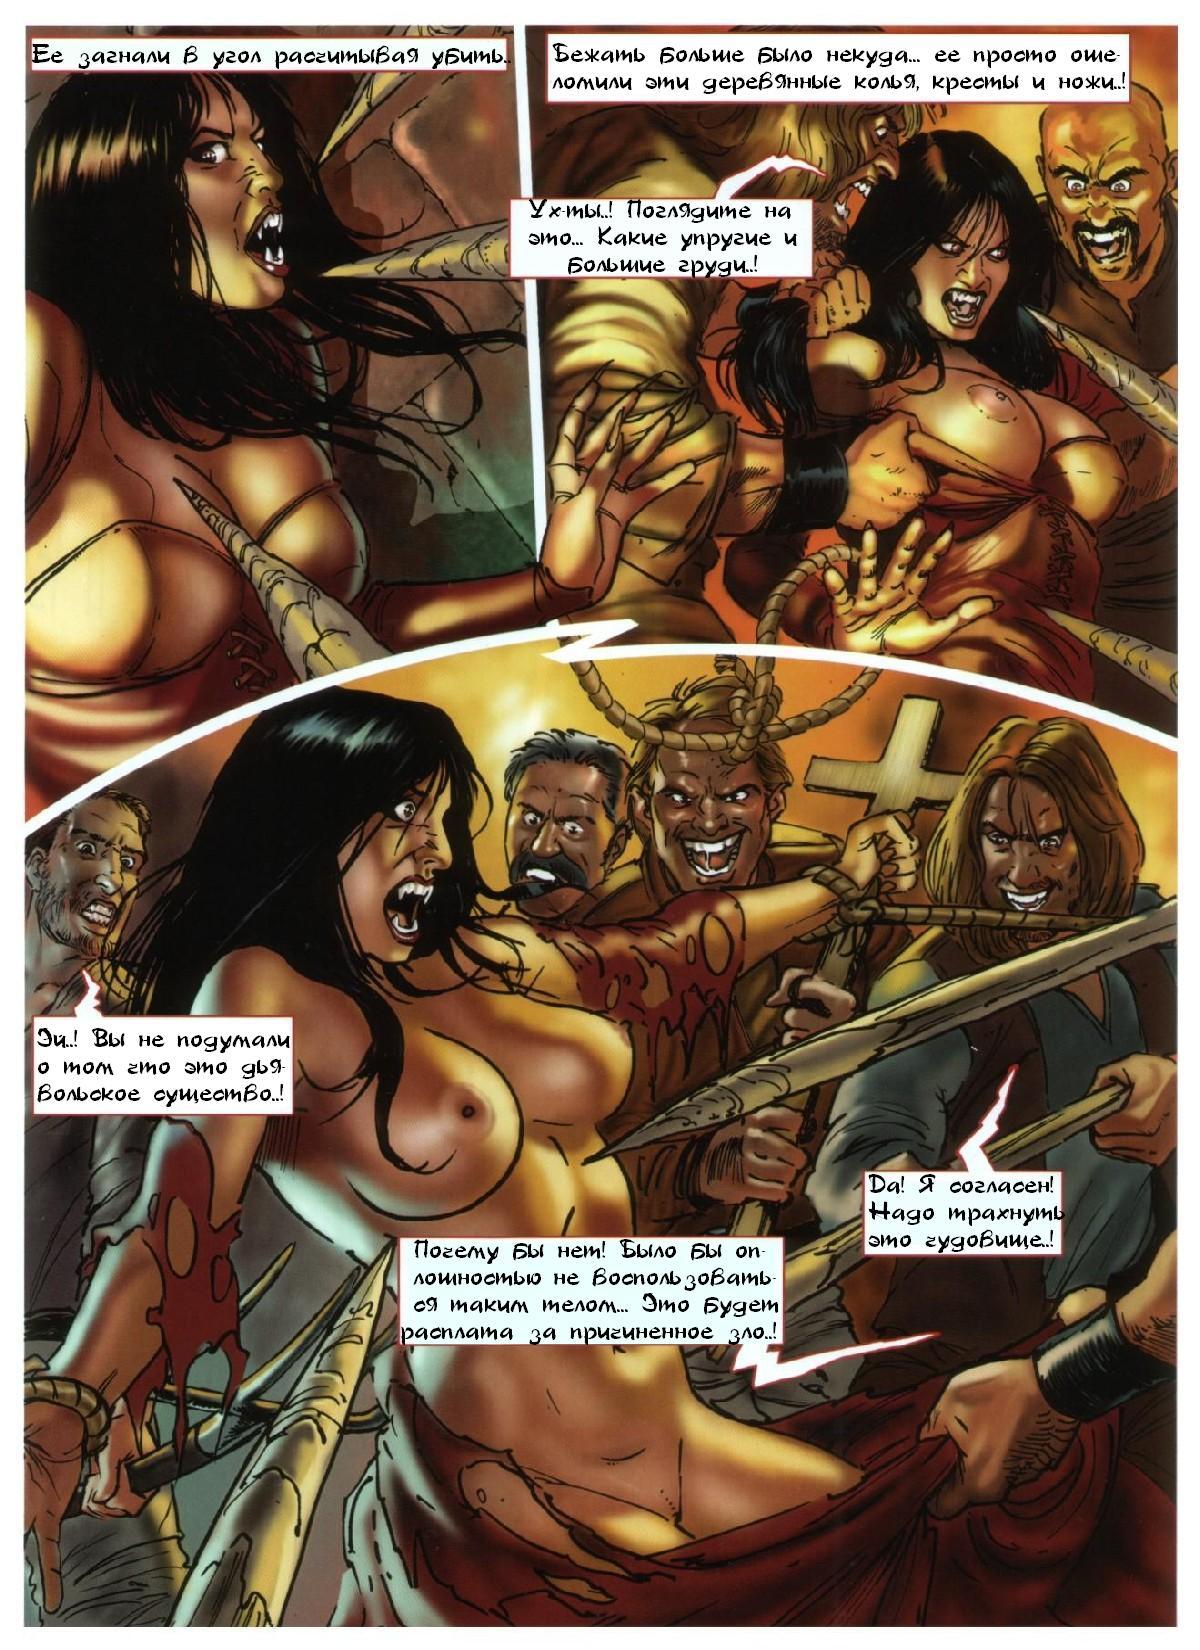 Комикс порно с вампирами